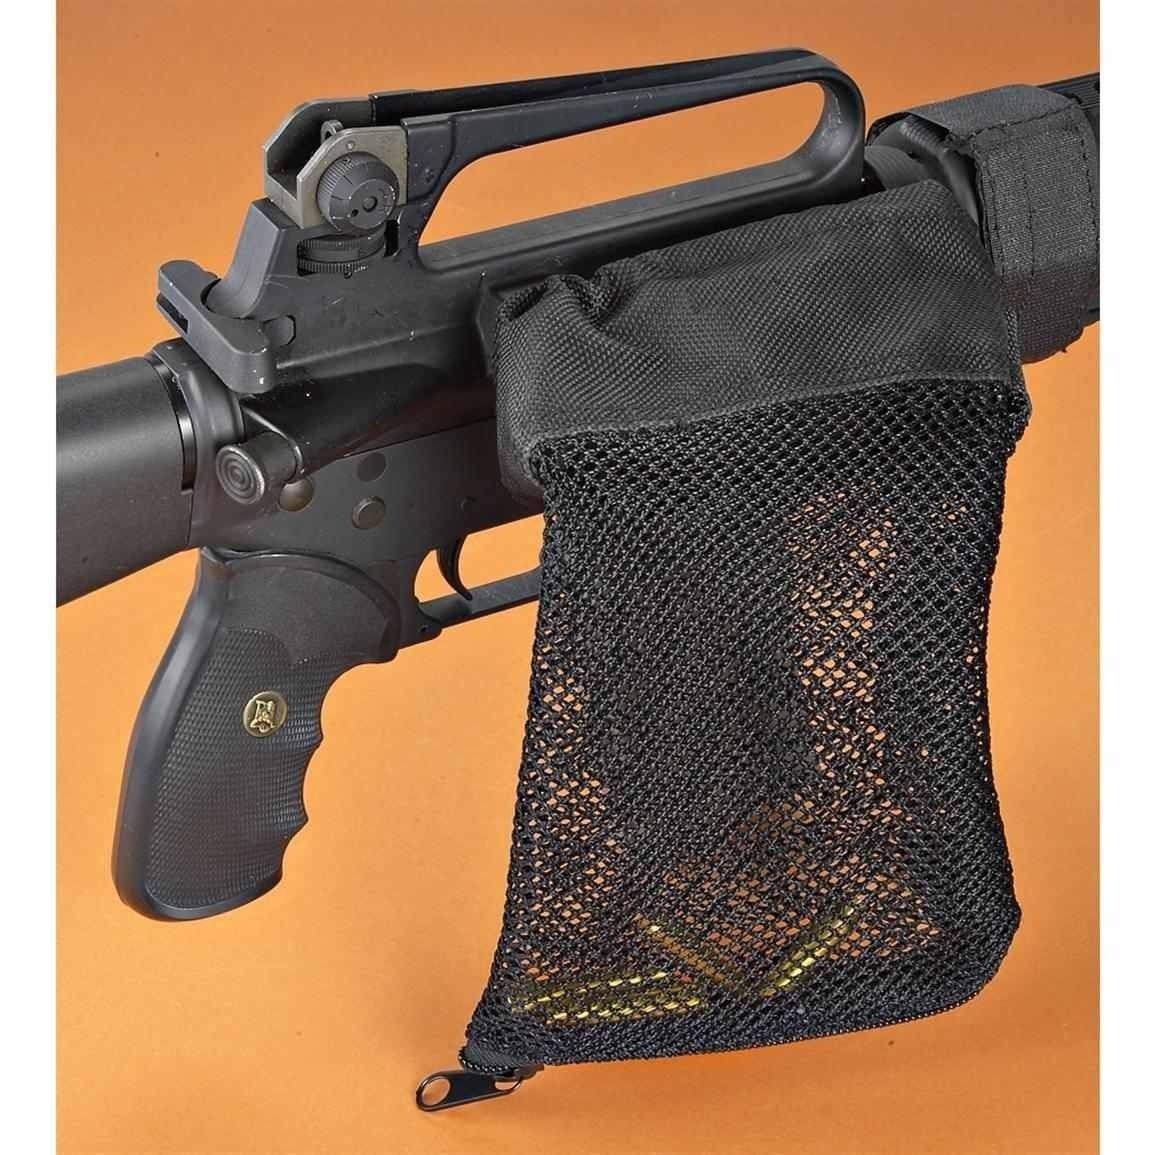 Охотничий Тактический M4 военный армейский стрельбы из латуни ar15, пулеуловитель, винтовочный пистолет, сетка, ловушка, обмотка вокруг сумки на молнии